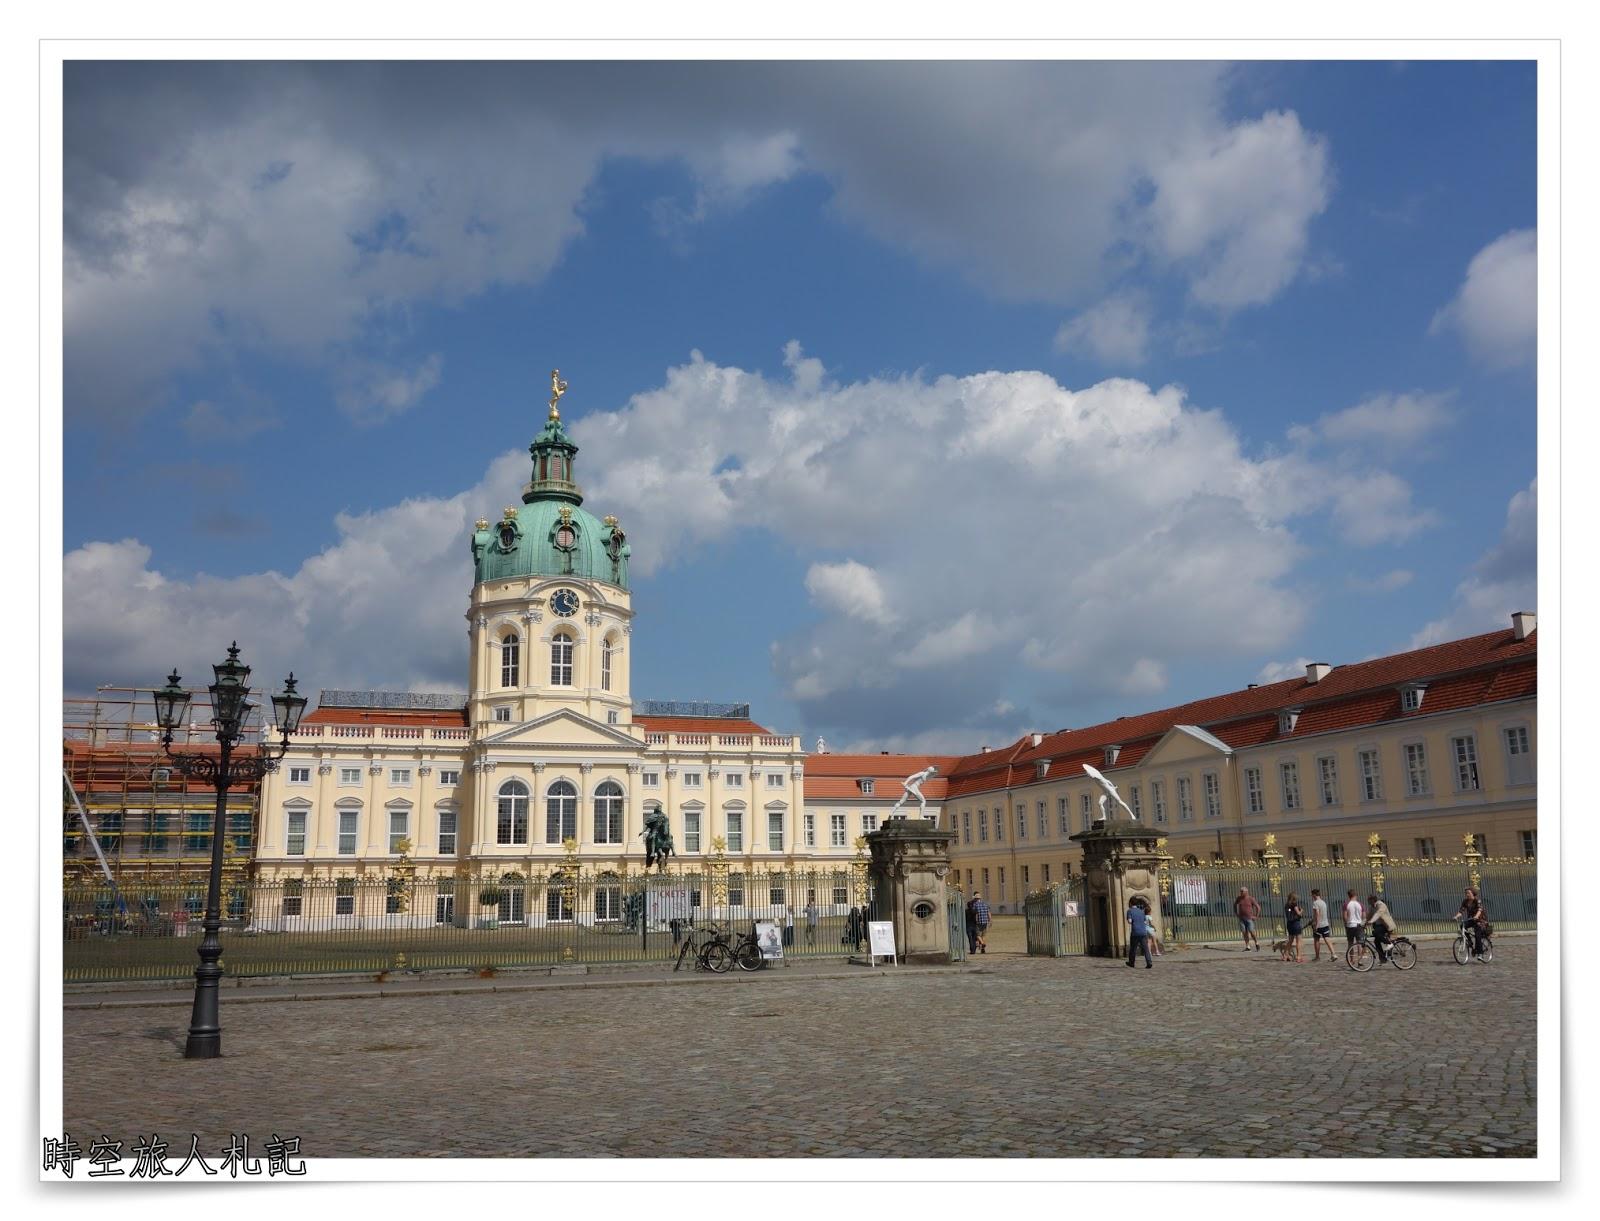 柏林景點(Part 3): 查理檢查哨、奧伯鮑姆橋、東邊畫廊、柏林圍牆紀念館、夏洛滕堡宮